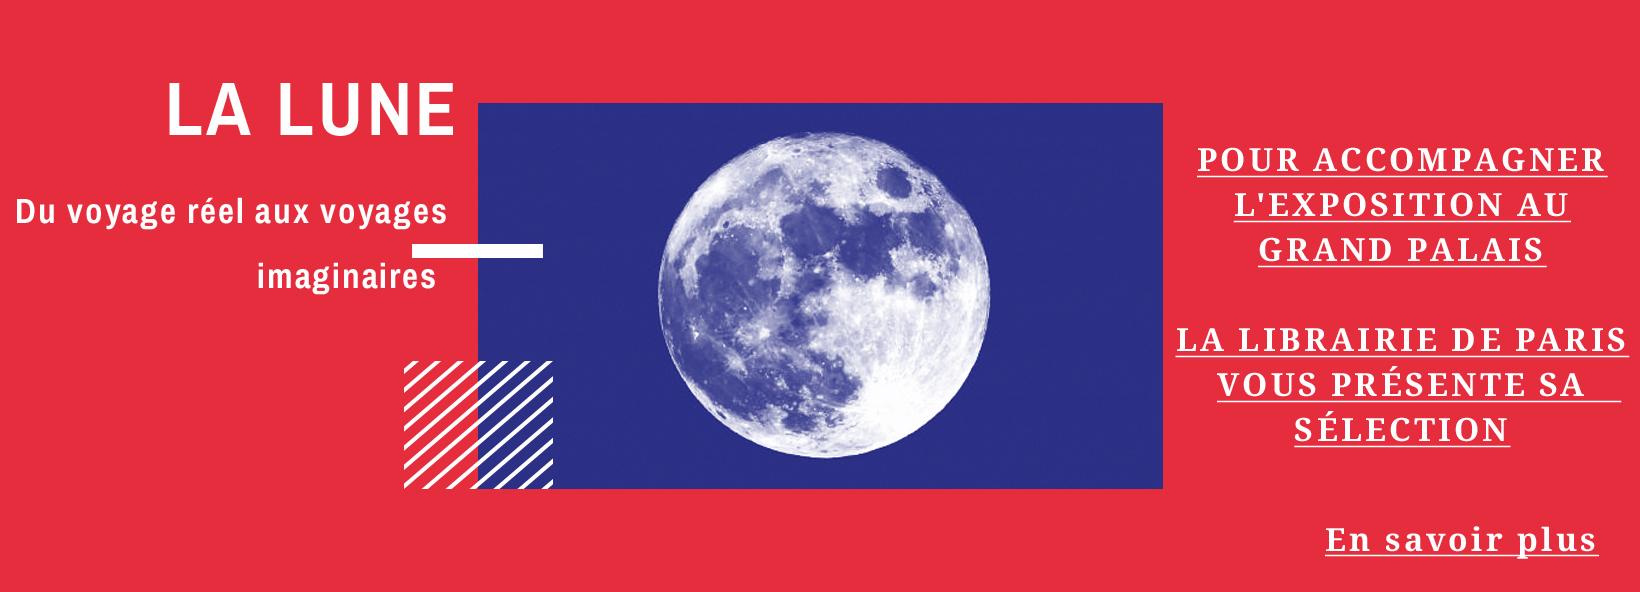 La lune - Du voyage réel aux voyages imaginaires, une sélection